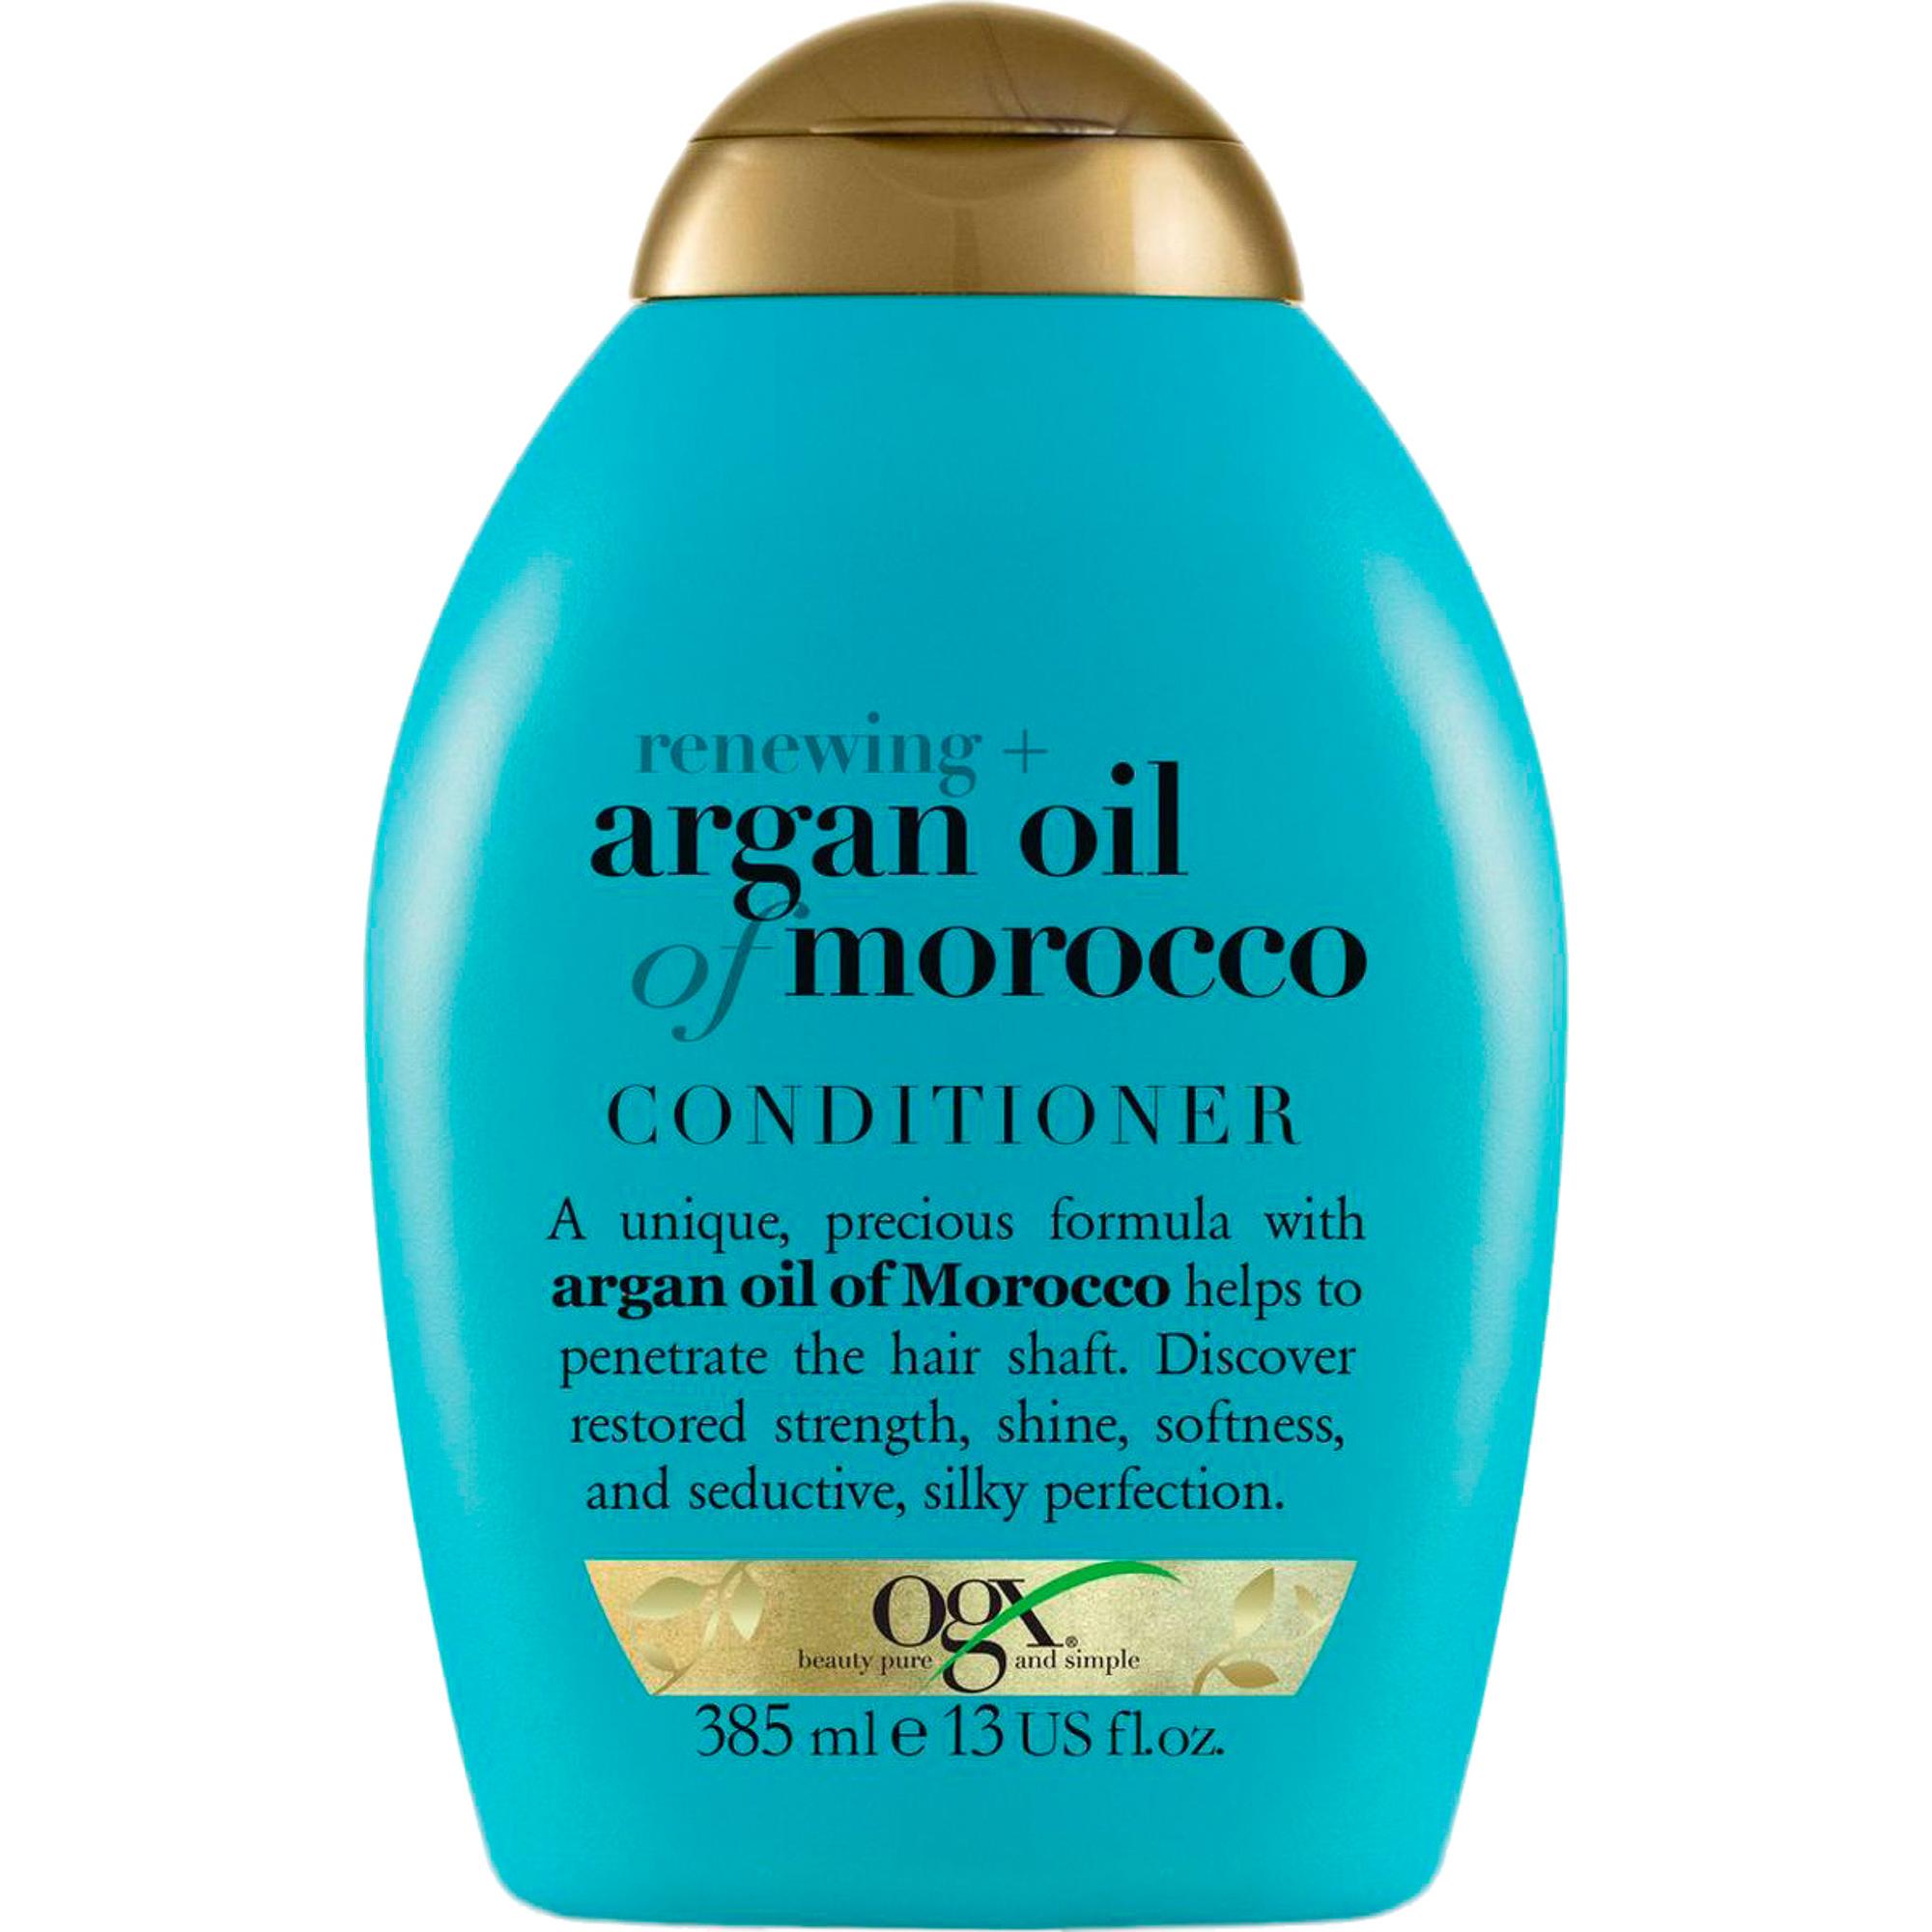 Кондиционер OGX Для восстановления волос, с аргановым маслом 385 мл кондиционер для окрашенных волос ogx с маслом орхидеи и виноградных косточек 385 мл